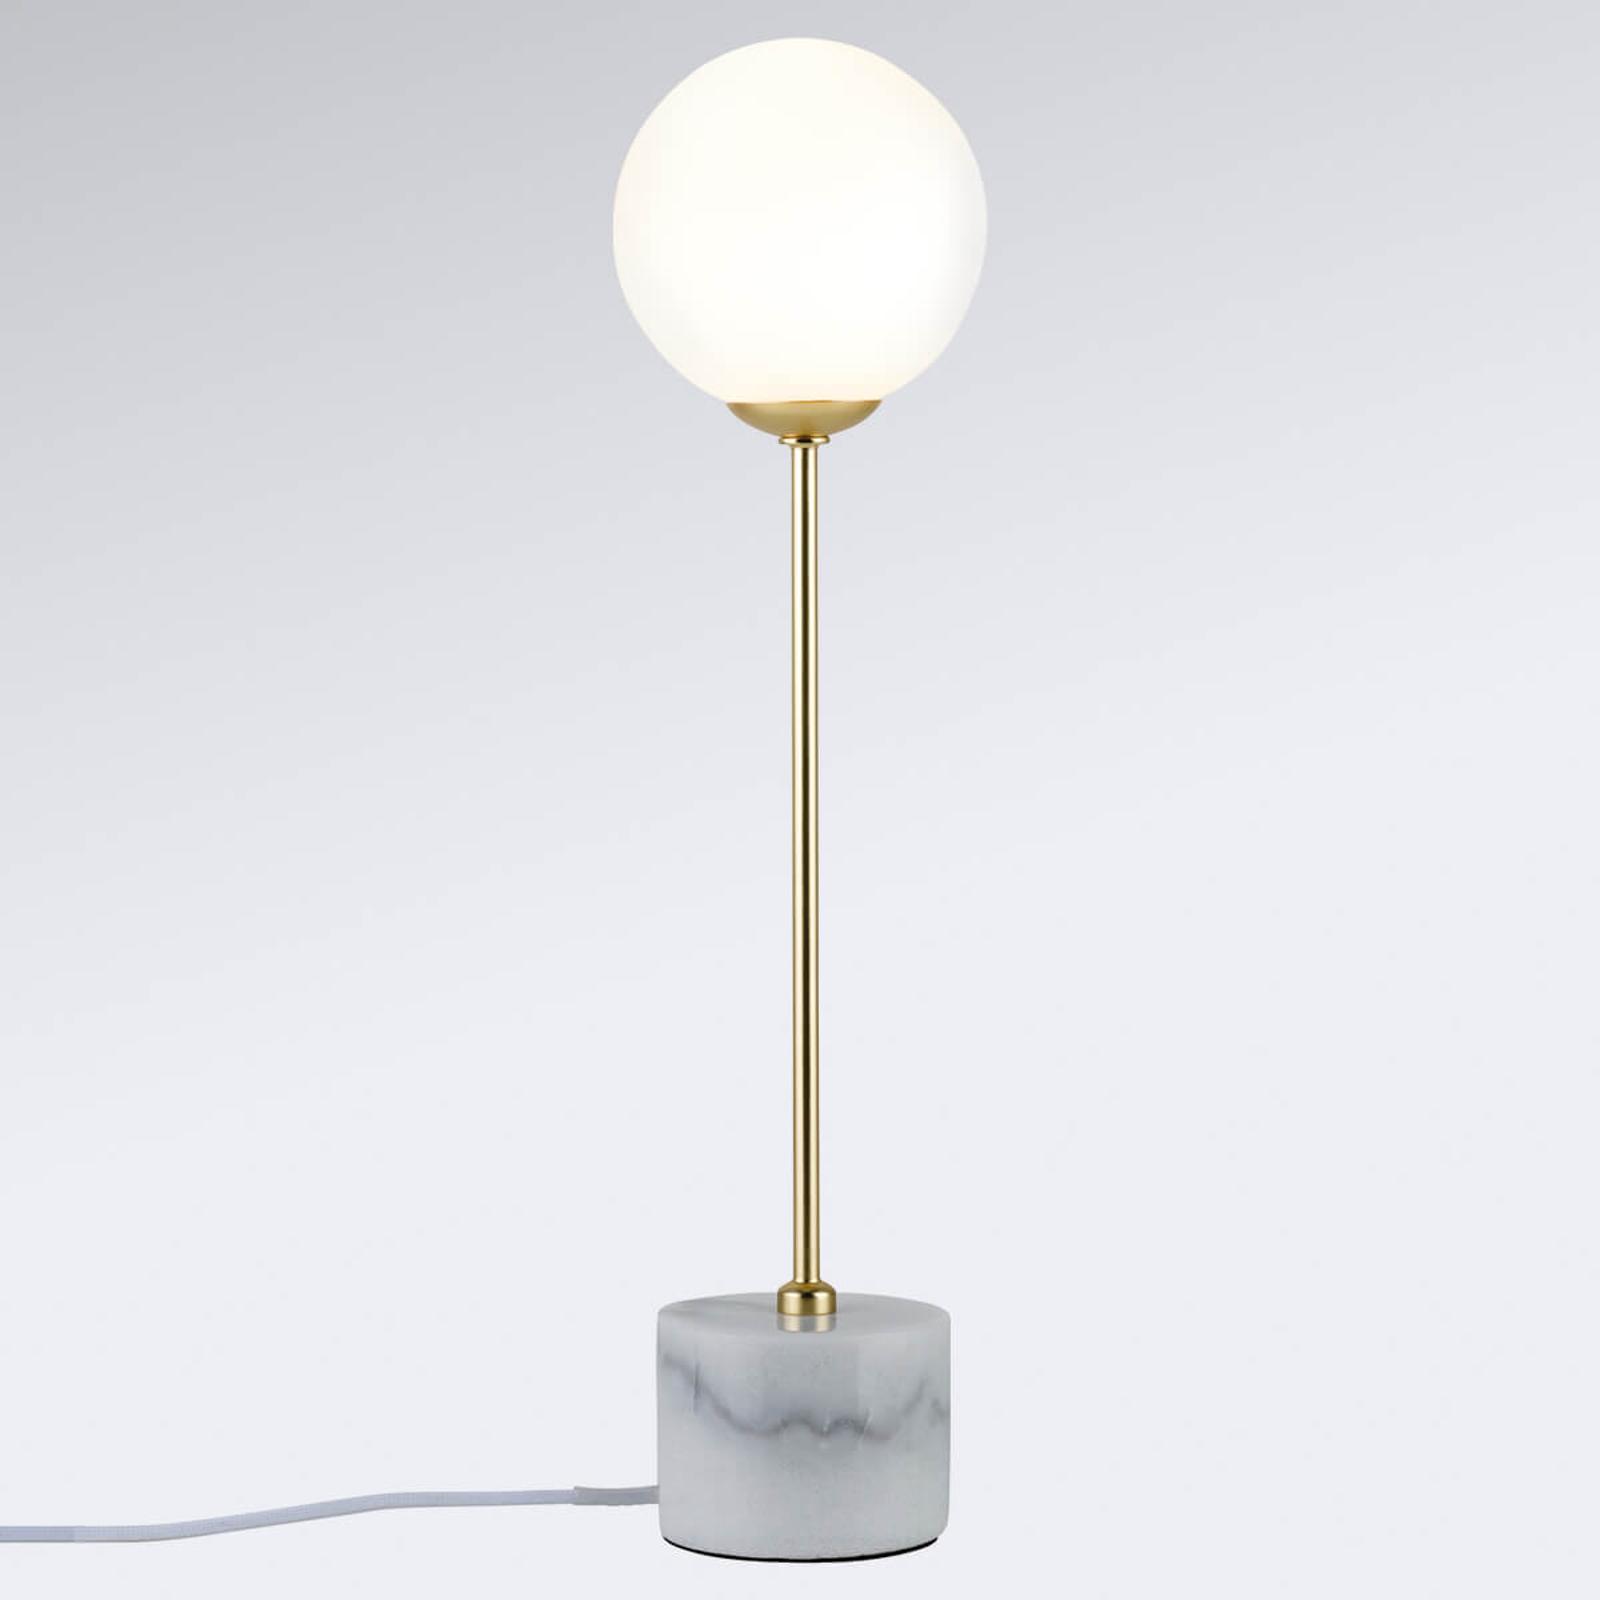 Lampada da tavolo Moa con base in marmo